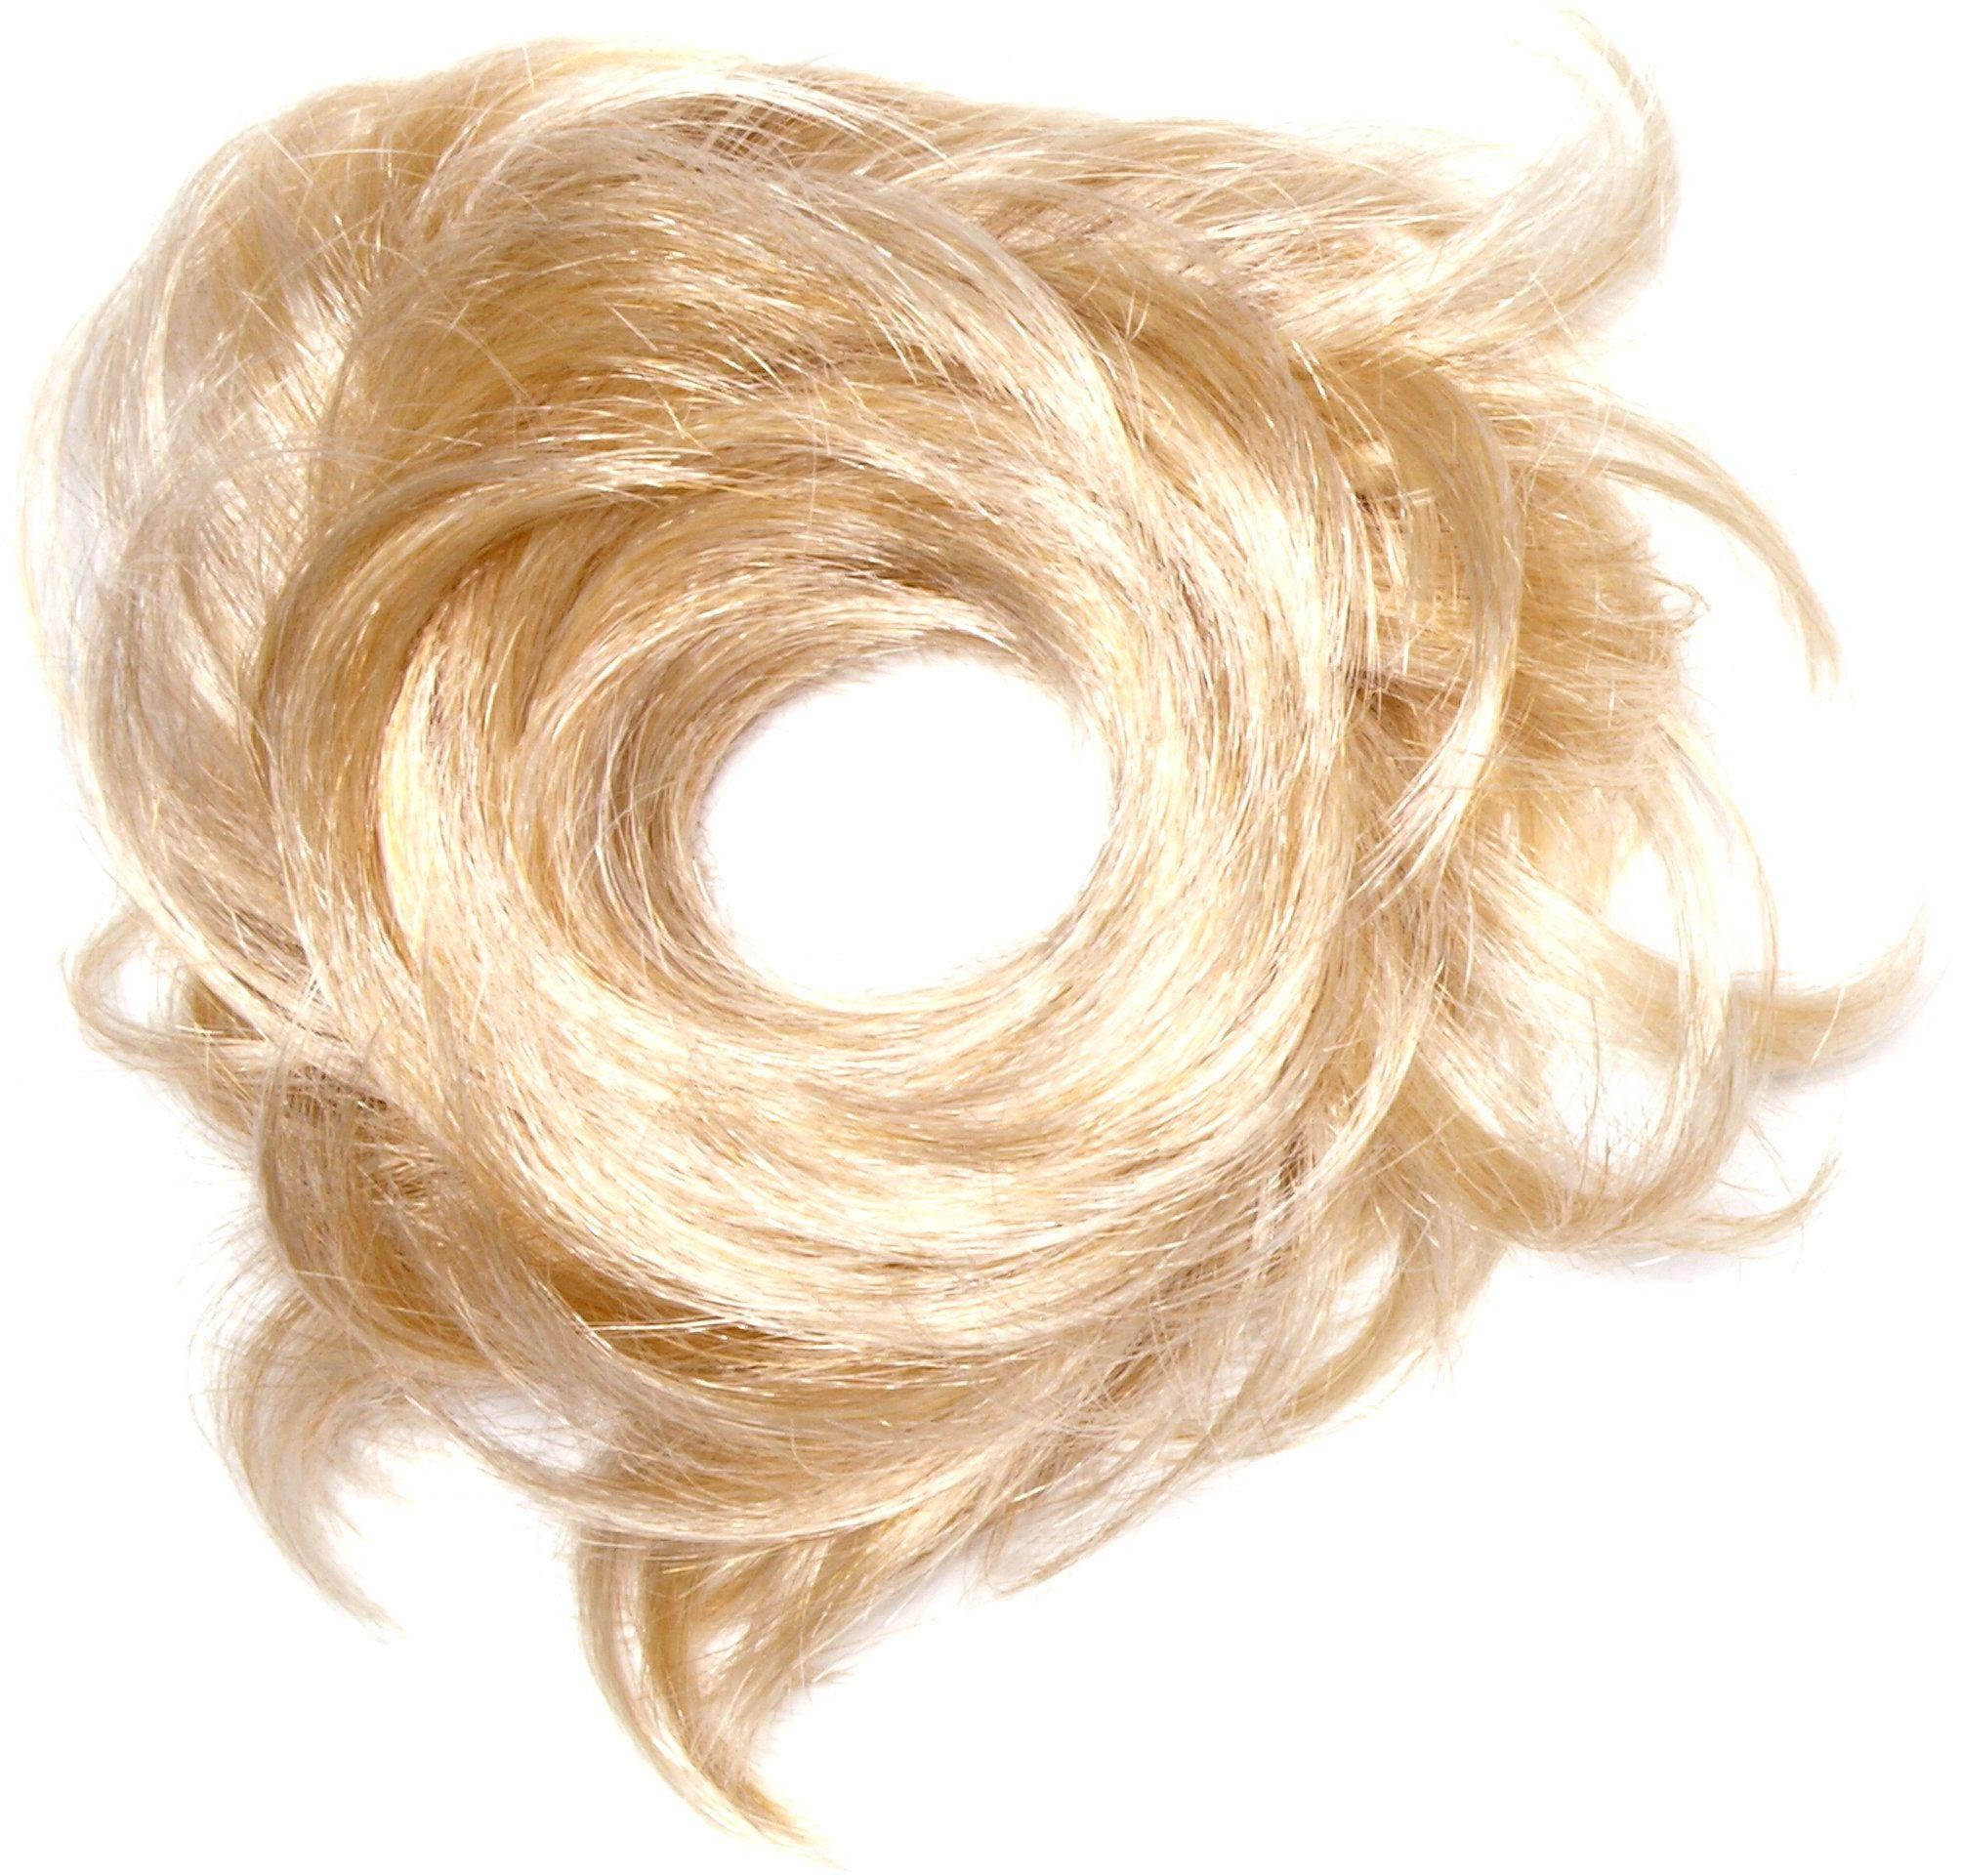 Love Hair Extensions Tornado gumka do włosów kolor M2460 - słoneczny blond/jasny blond, 1 opakowanie (1 x 1 sztuka)